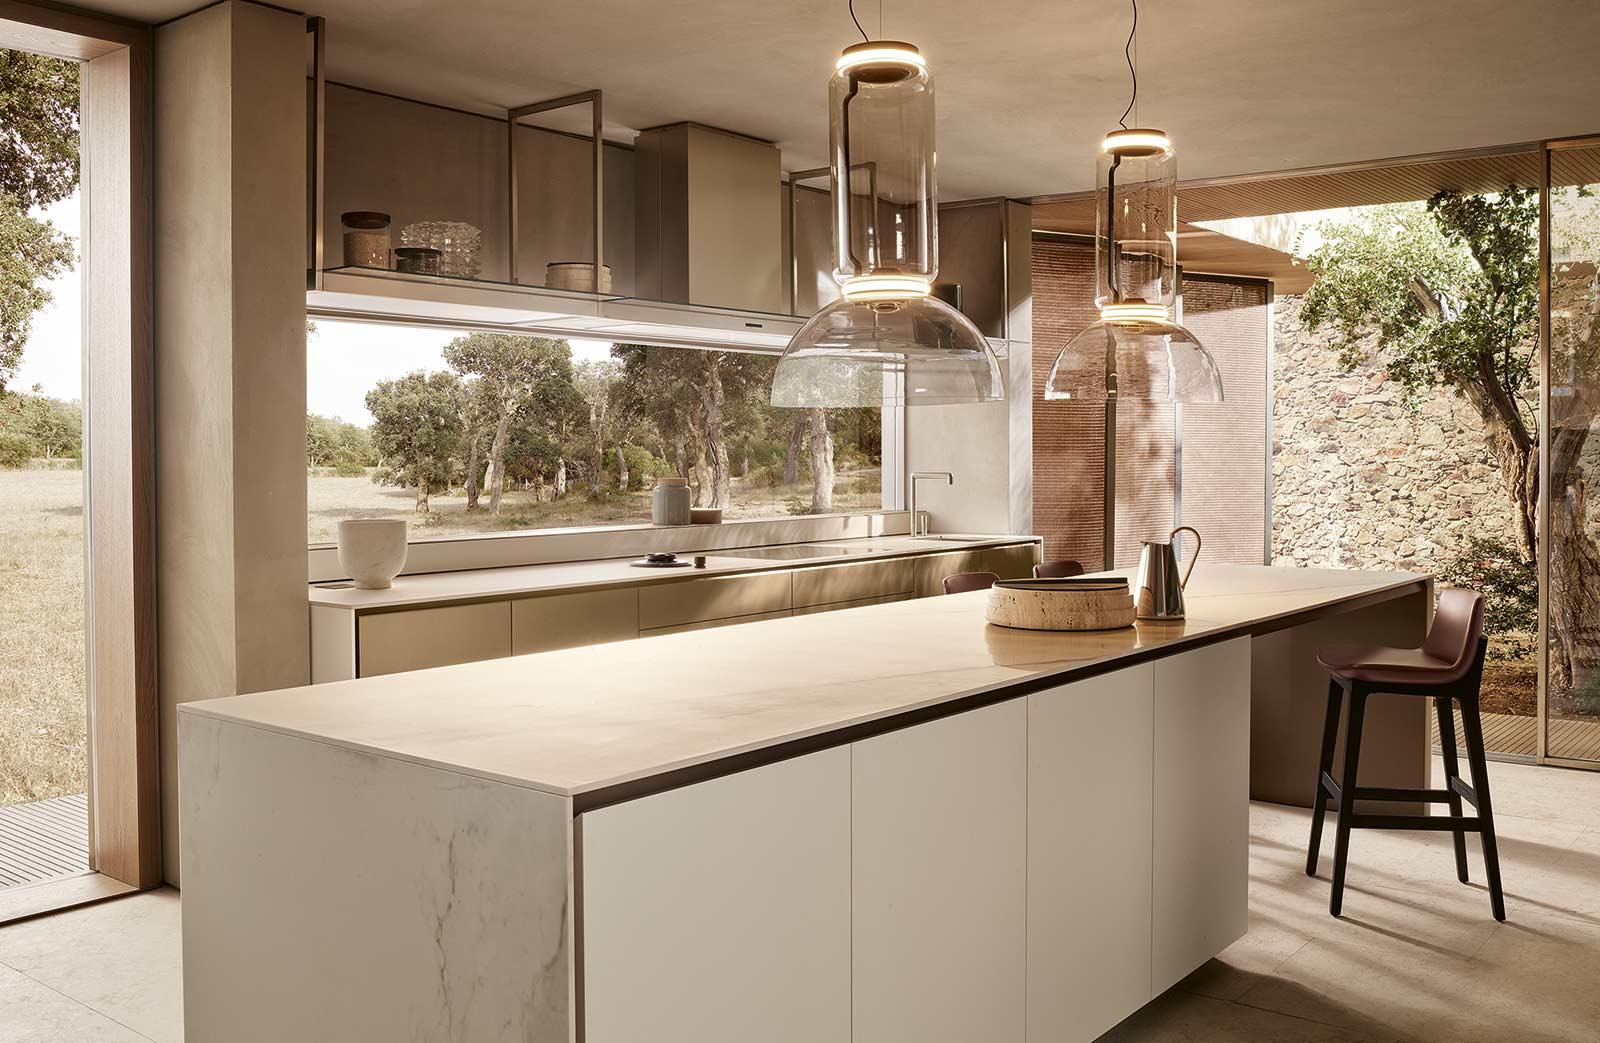 tienda-de-cocinas-a-medida-y-de-diseño-en-vitoria-oscar-lacuesta